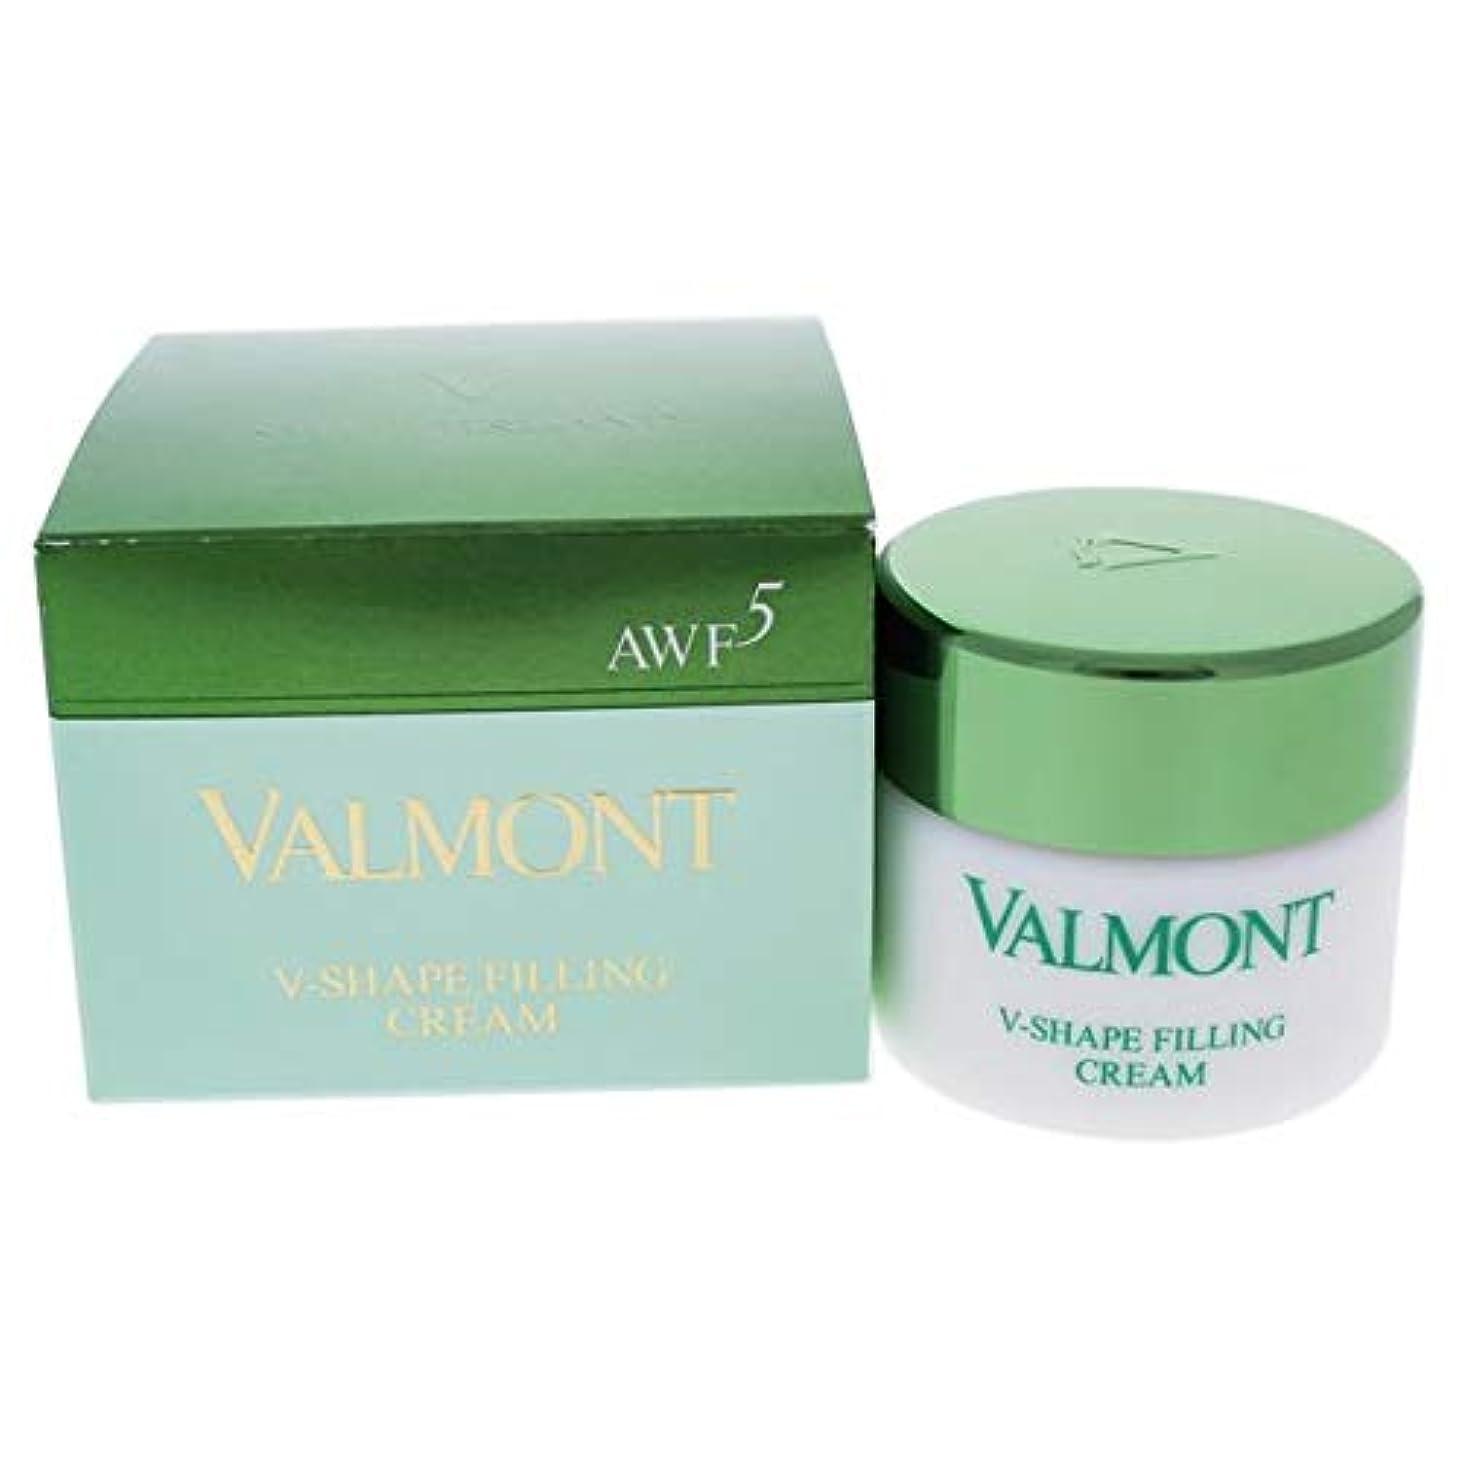 見分ける忠実な準拠ヴァルモン AWF5 V-Shape Filling Cream 50ml/1.7oz並行輸入品